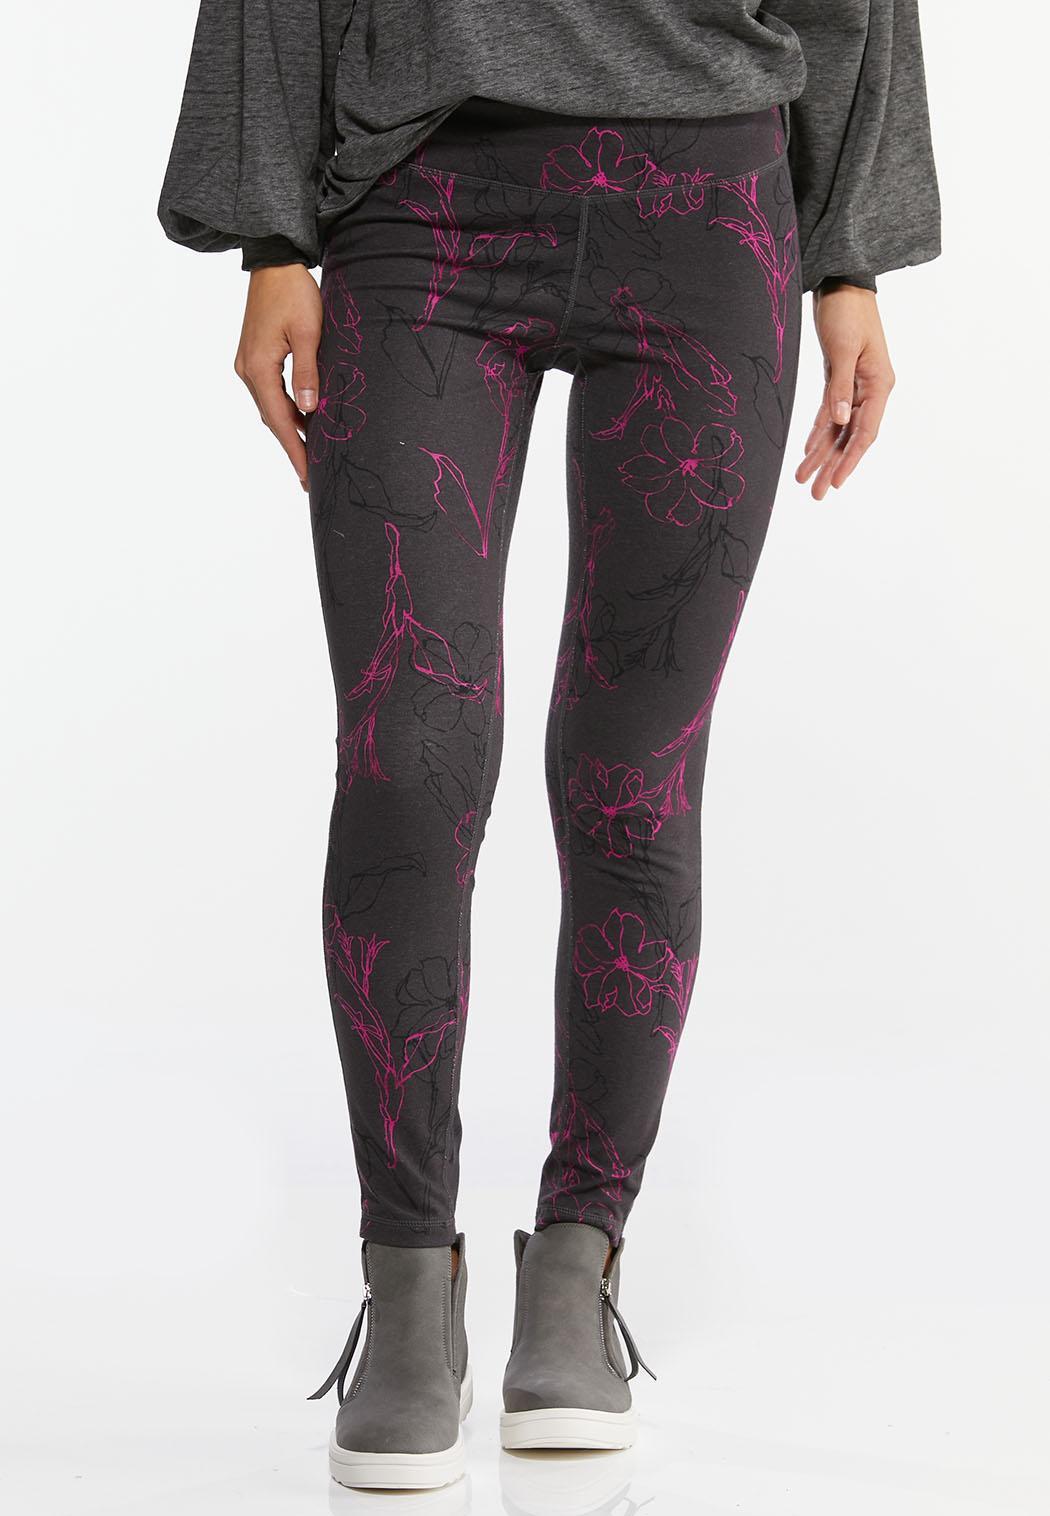 Purple Sketch Floral Leggings